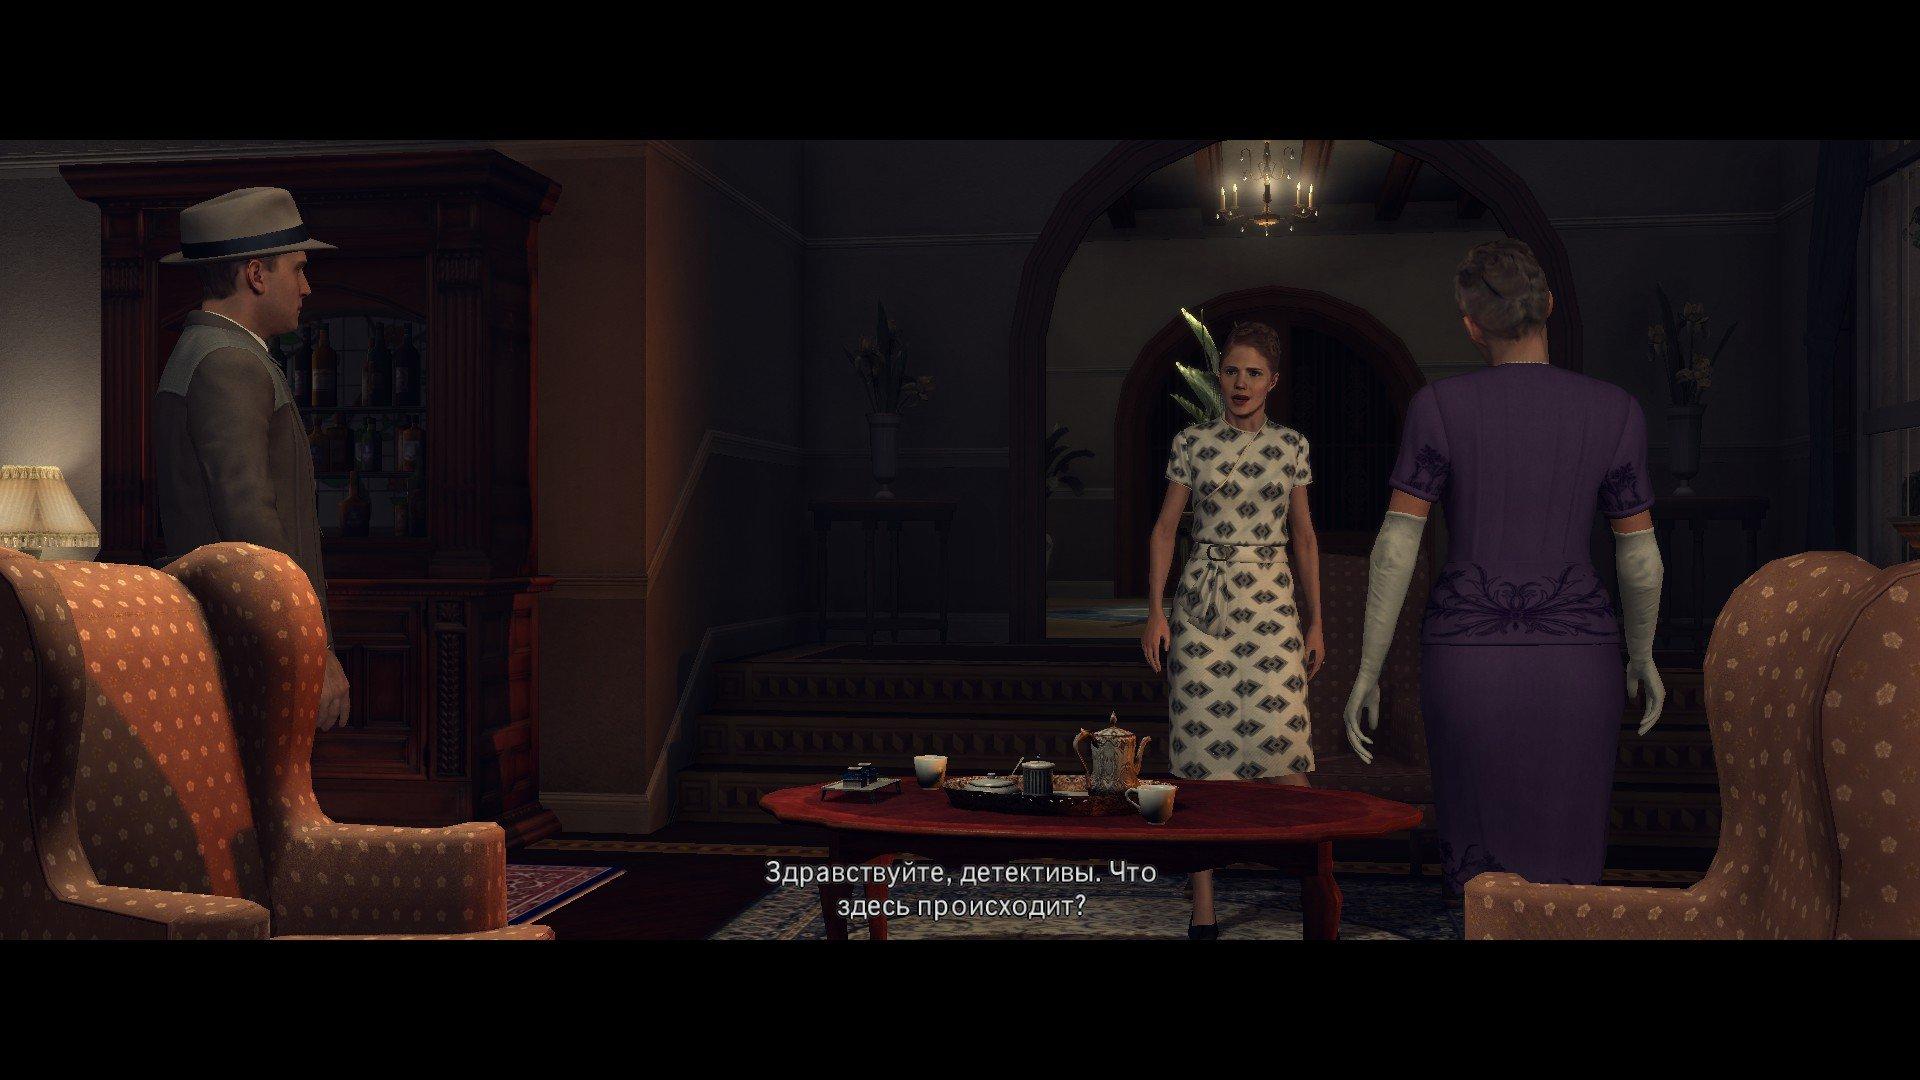 Пост-прохождение L.A. Noire Часть 17-2 - Изображение 21